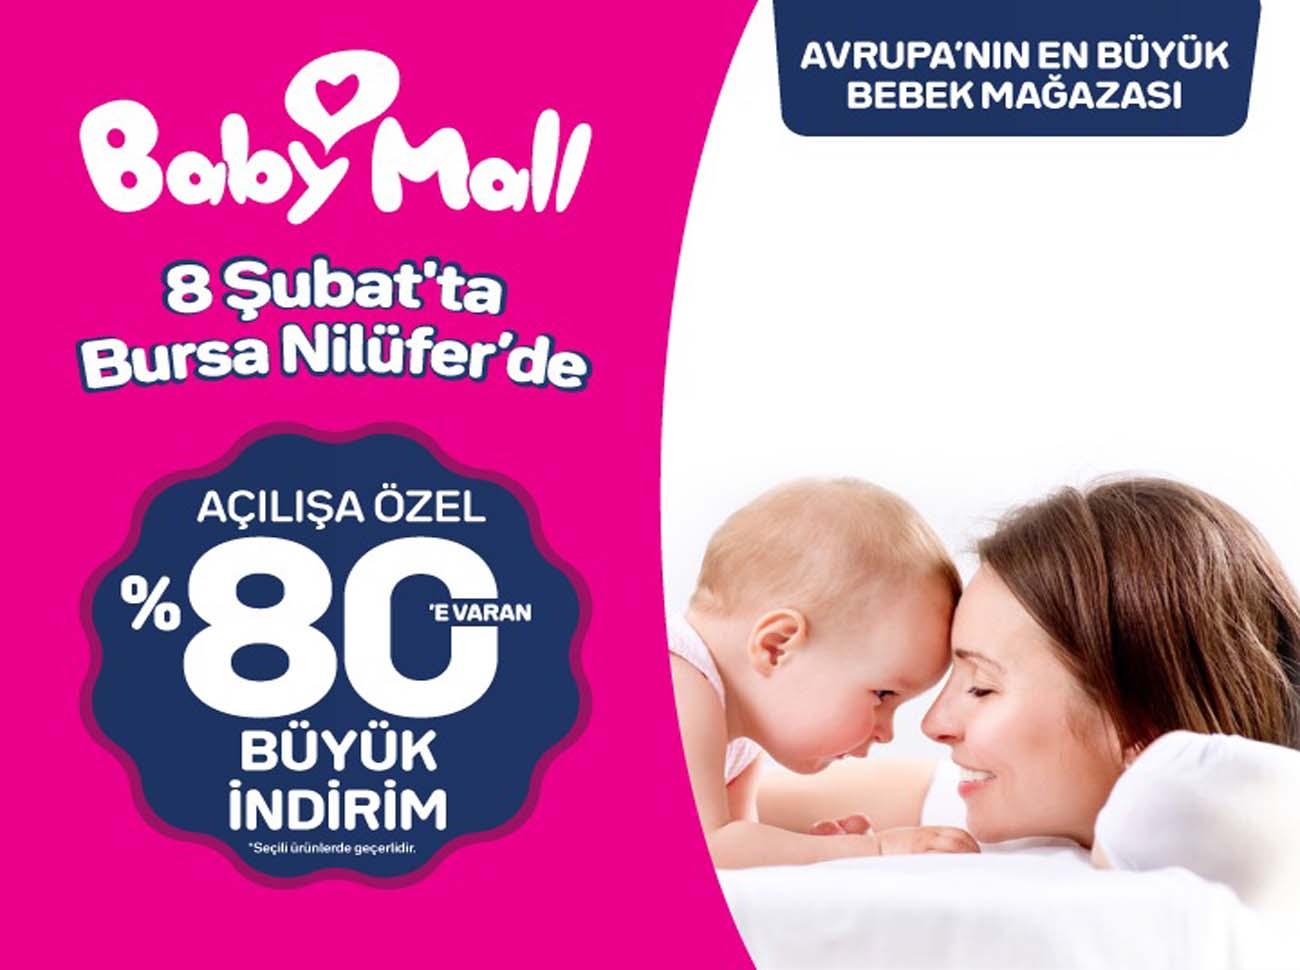 Avrupa'nın En Büyük Bebek Mağazası BabyMall Bursa'da